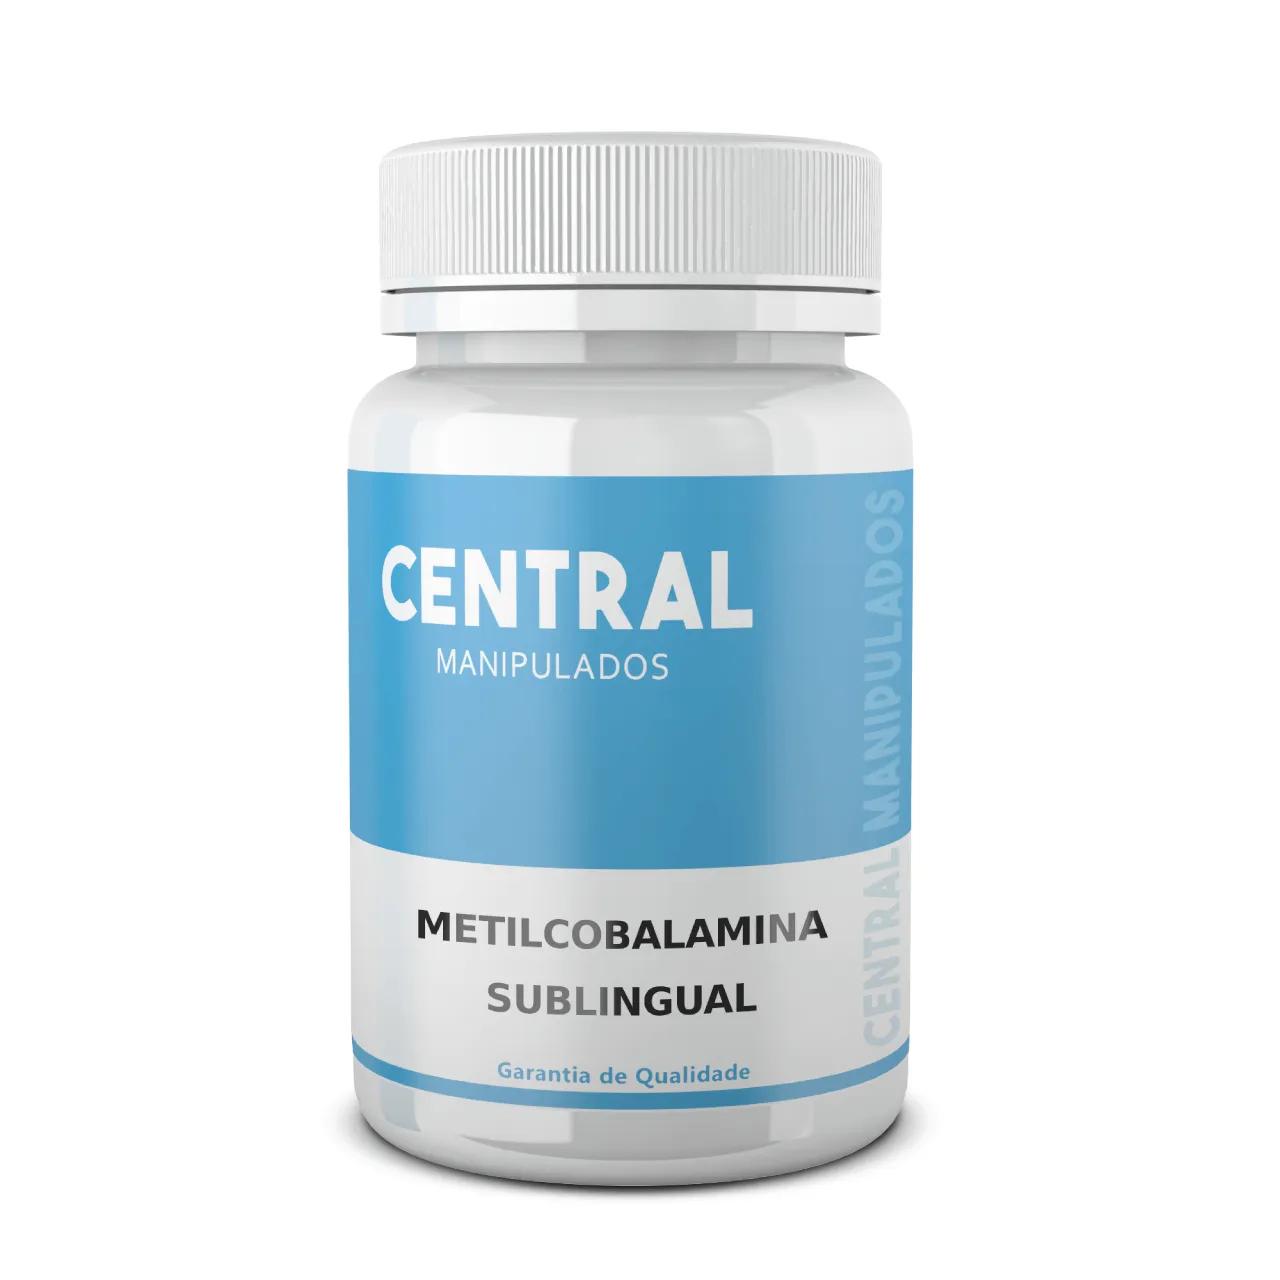 Metilcobalamina 1.500mcg - 30 cápsulas - Vitamina B12 - Sublingual (Tapiocaps)